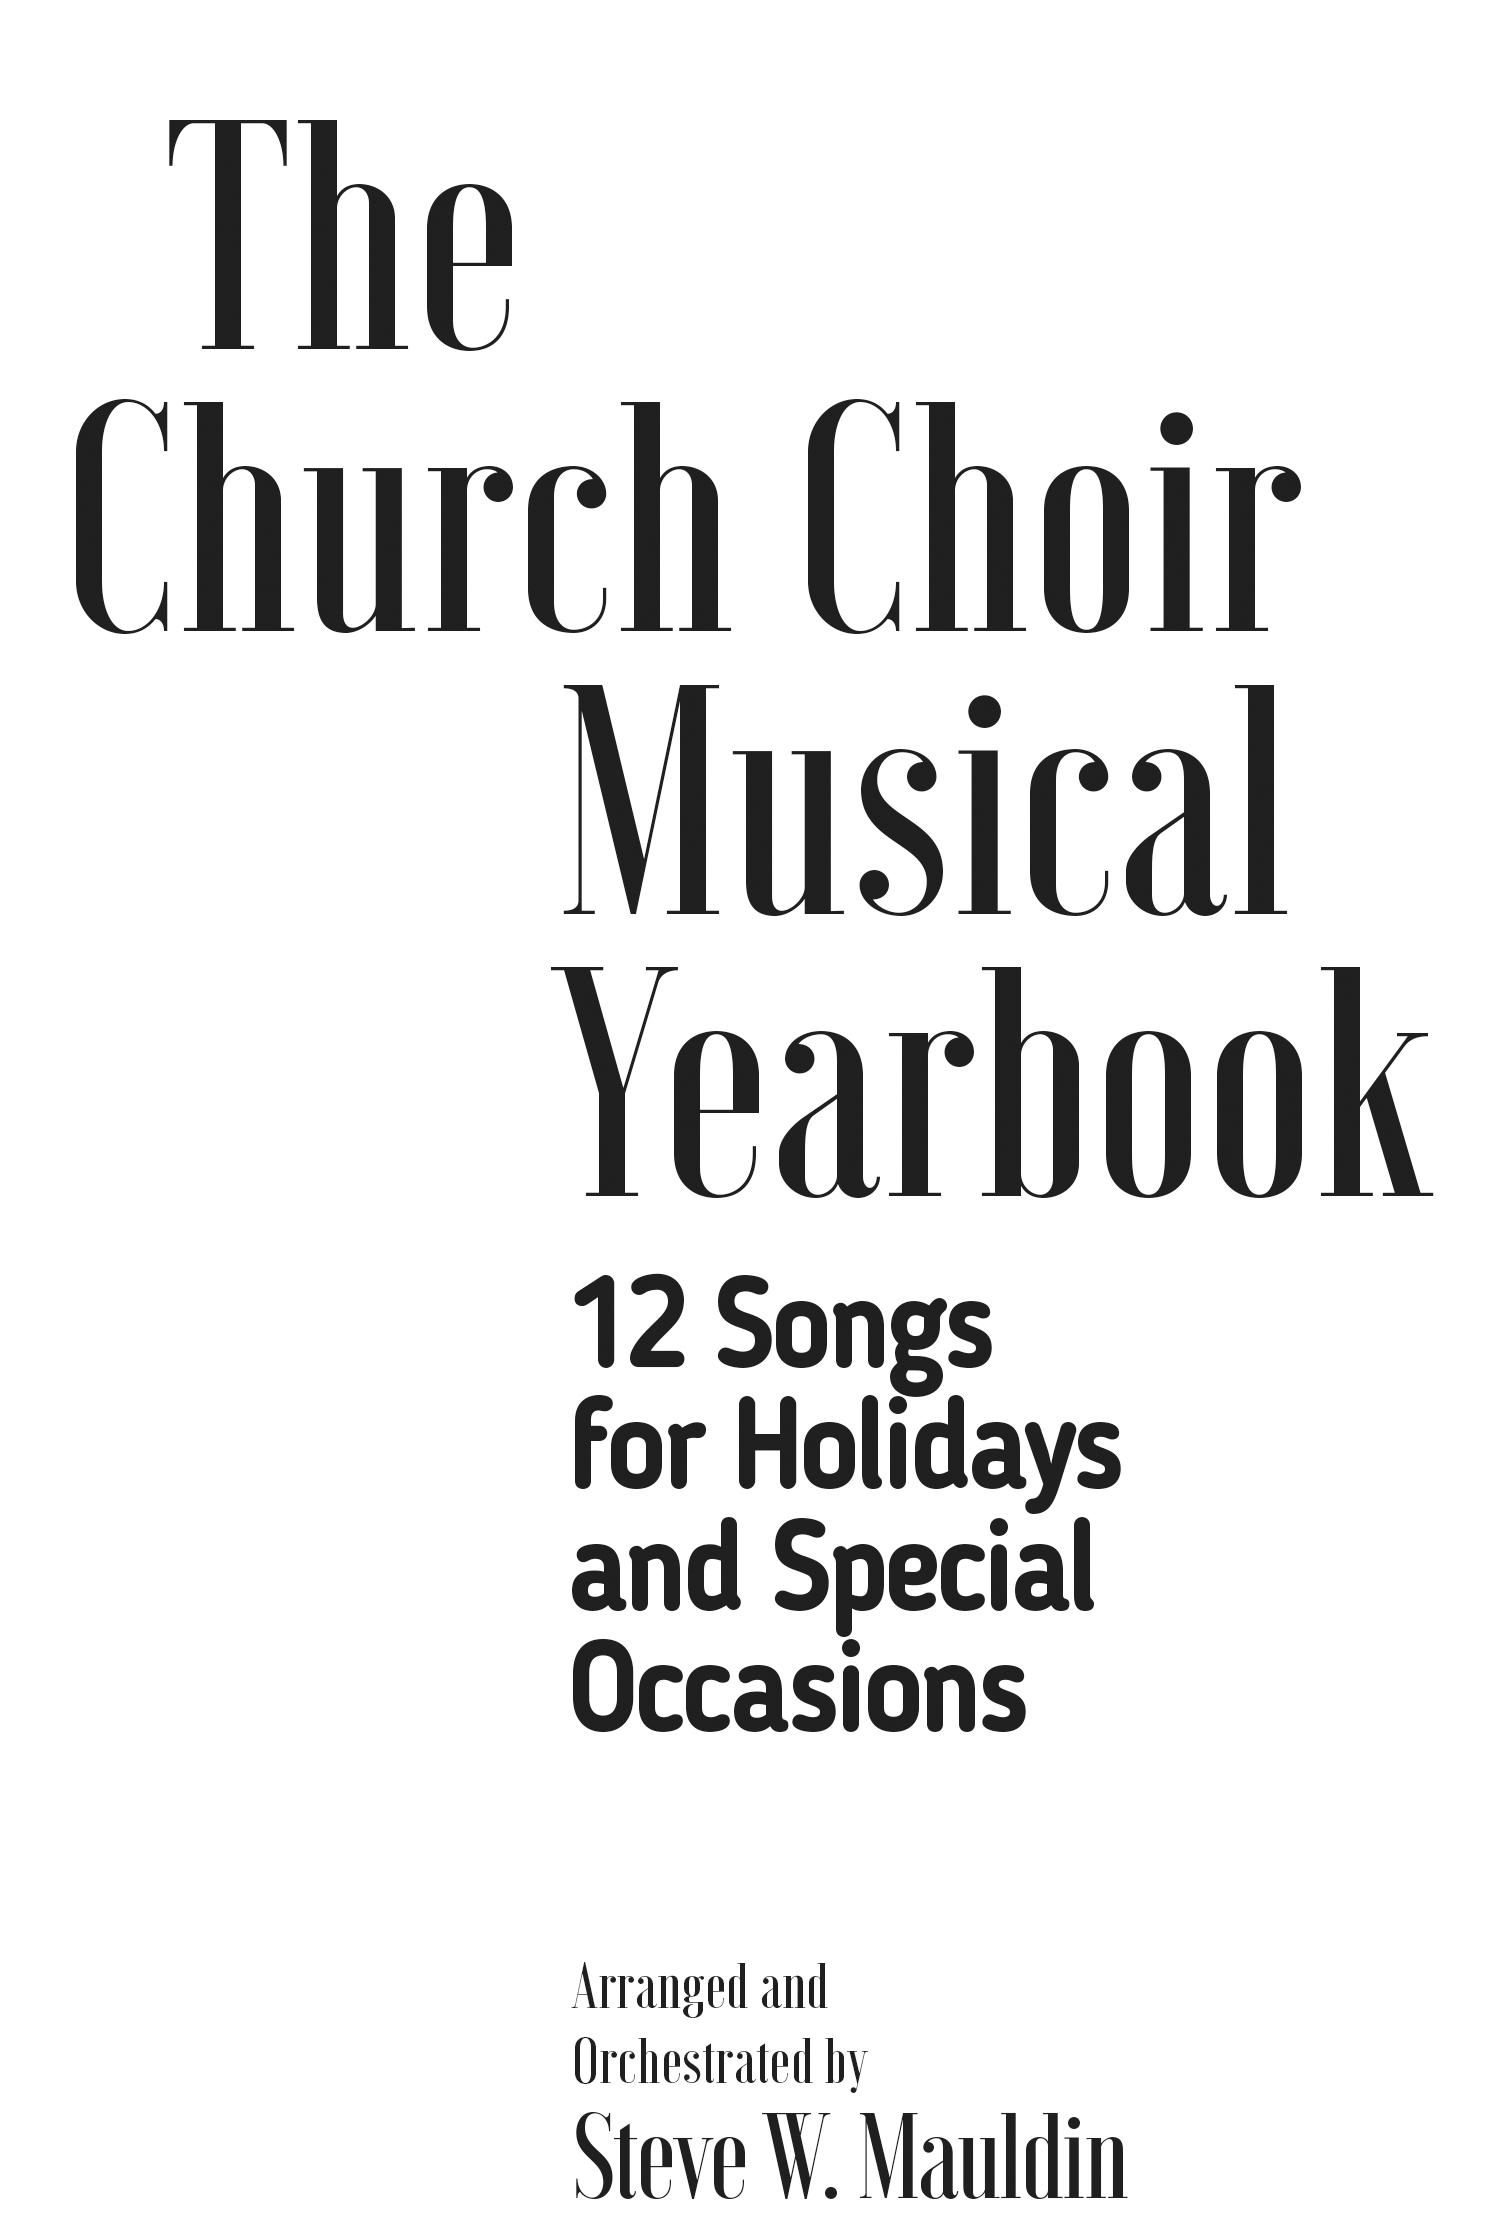 The Church Choir Musical Yearbook